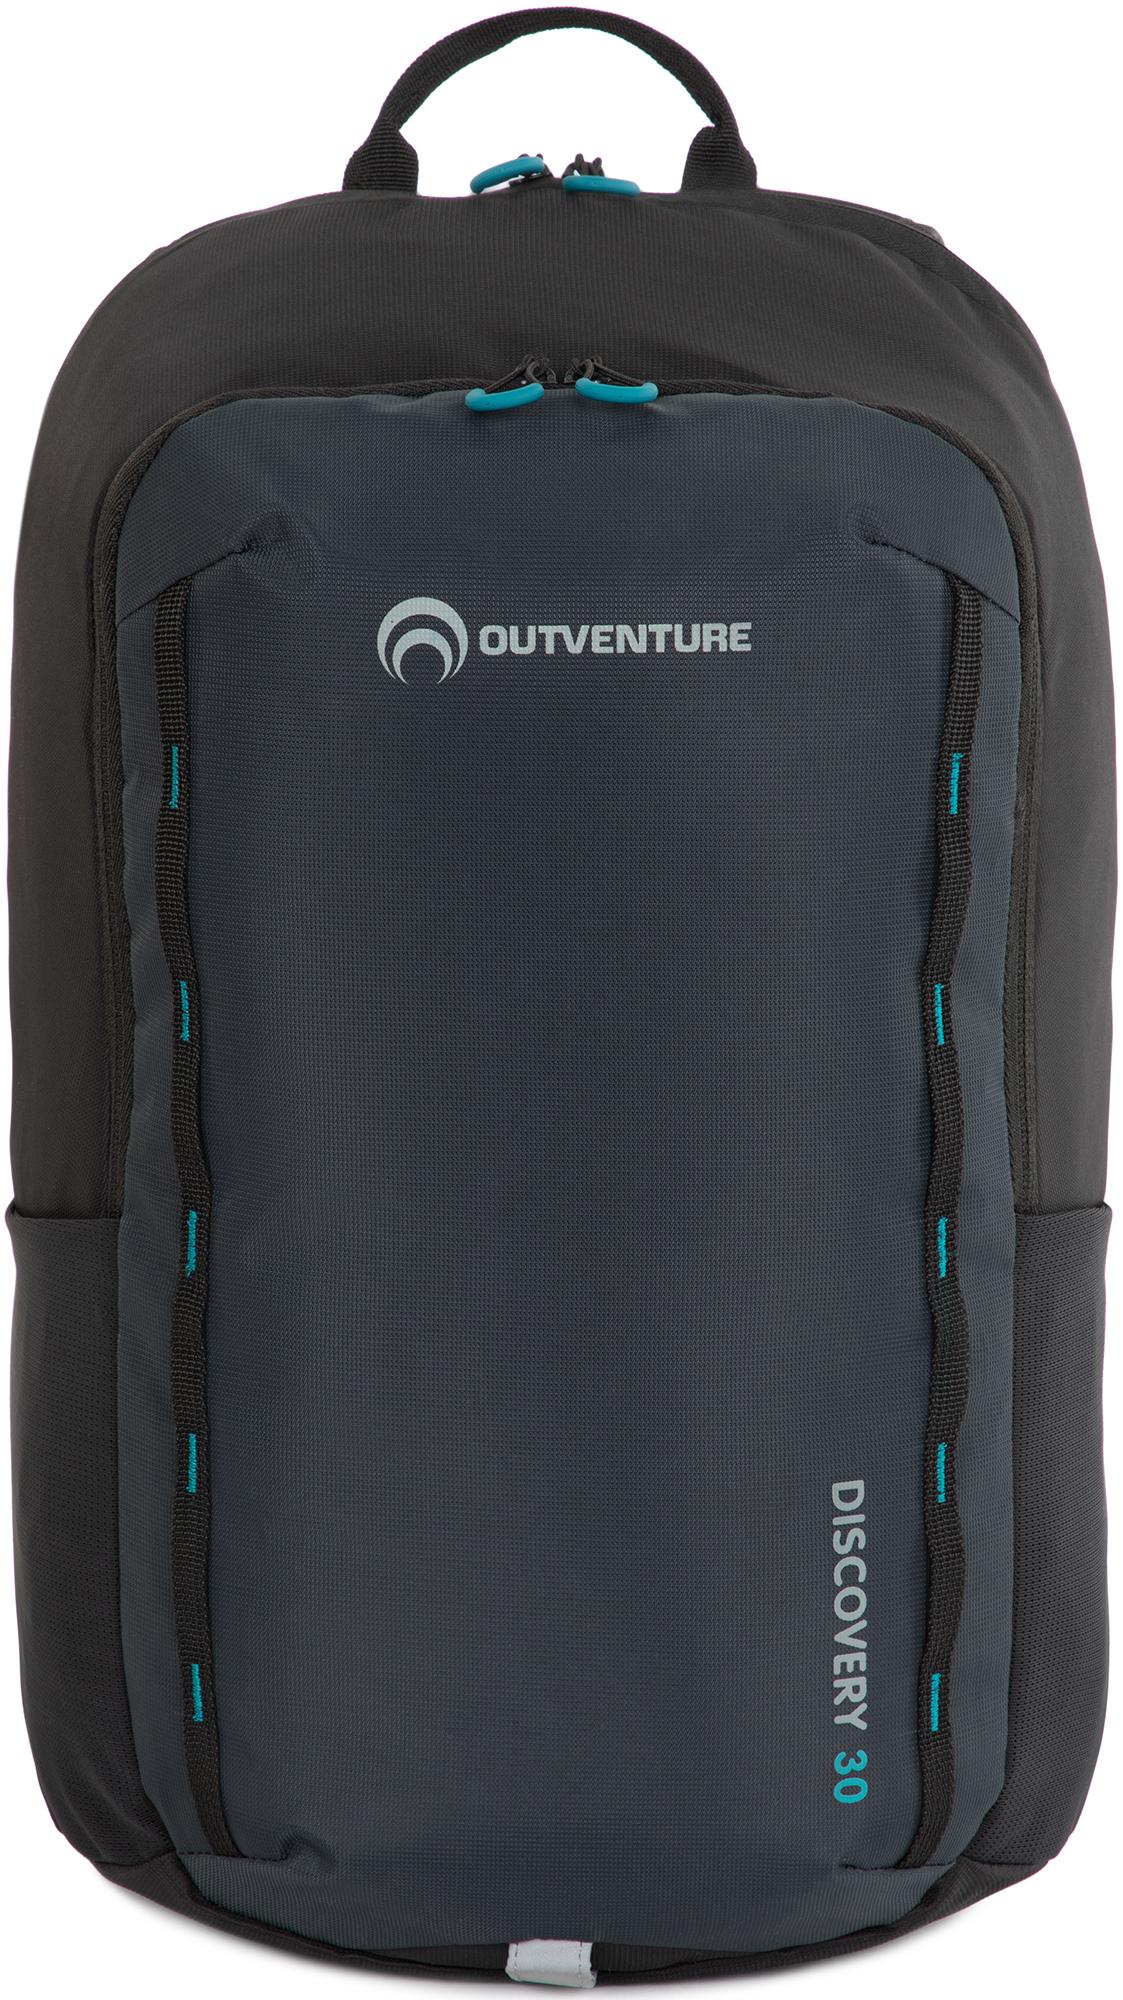 Outventure Рюкзак Outventure Discovery 30